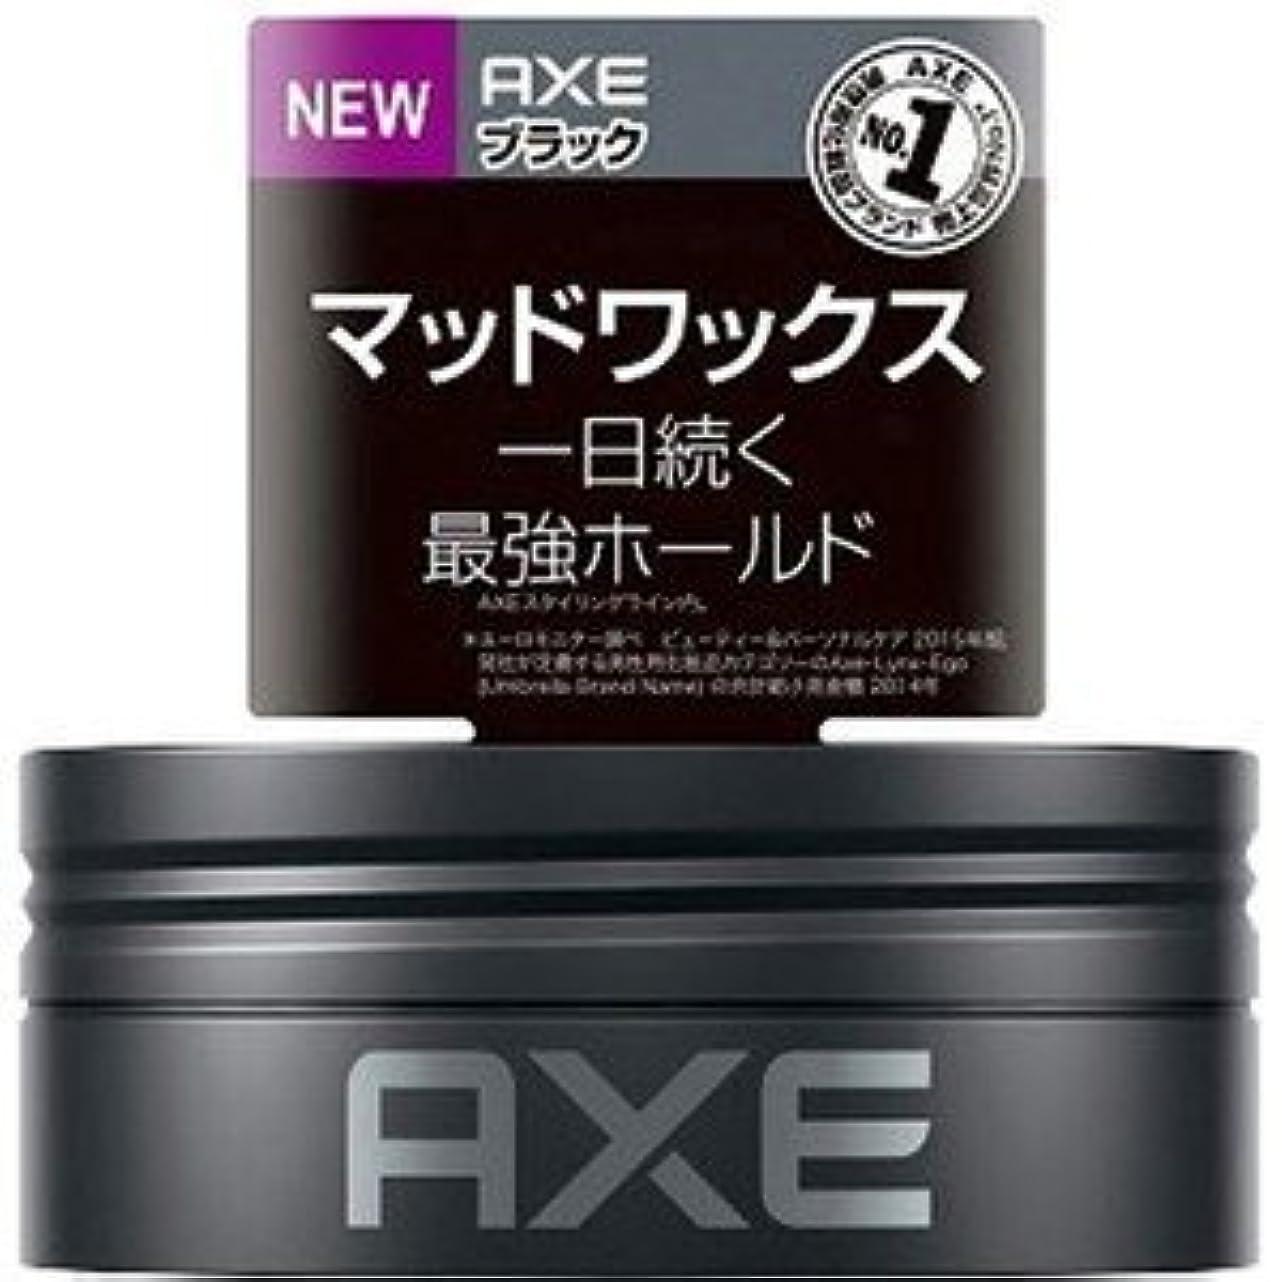 保証する間に合わせシンプトン(2016年春の新商品)(ユニリーバ)AXE(アックス) ブラック デフィニティブホールド マッドワックス 65g